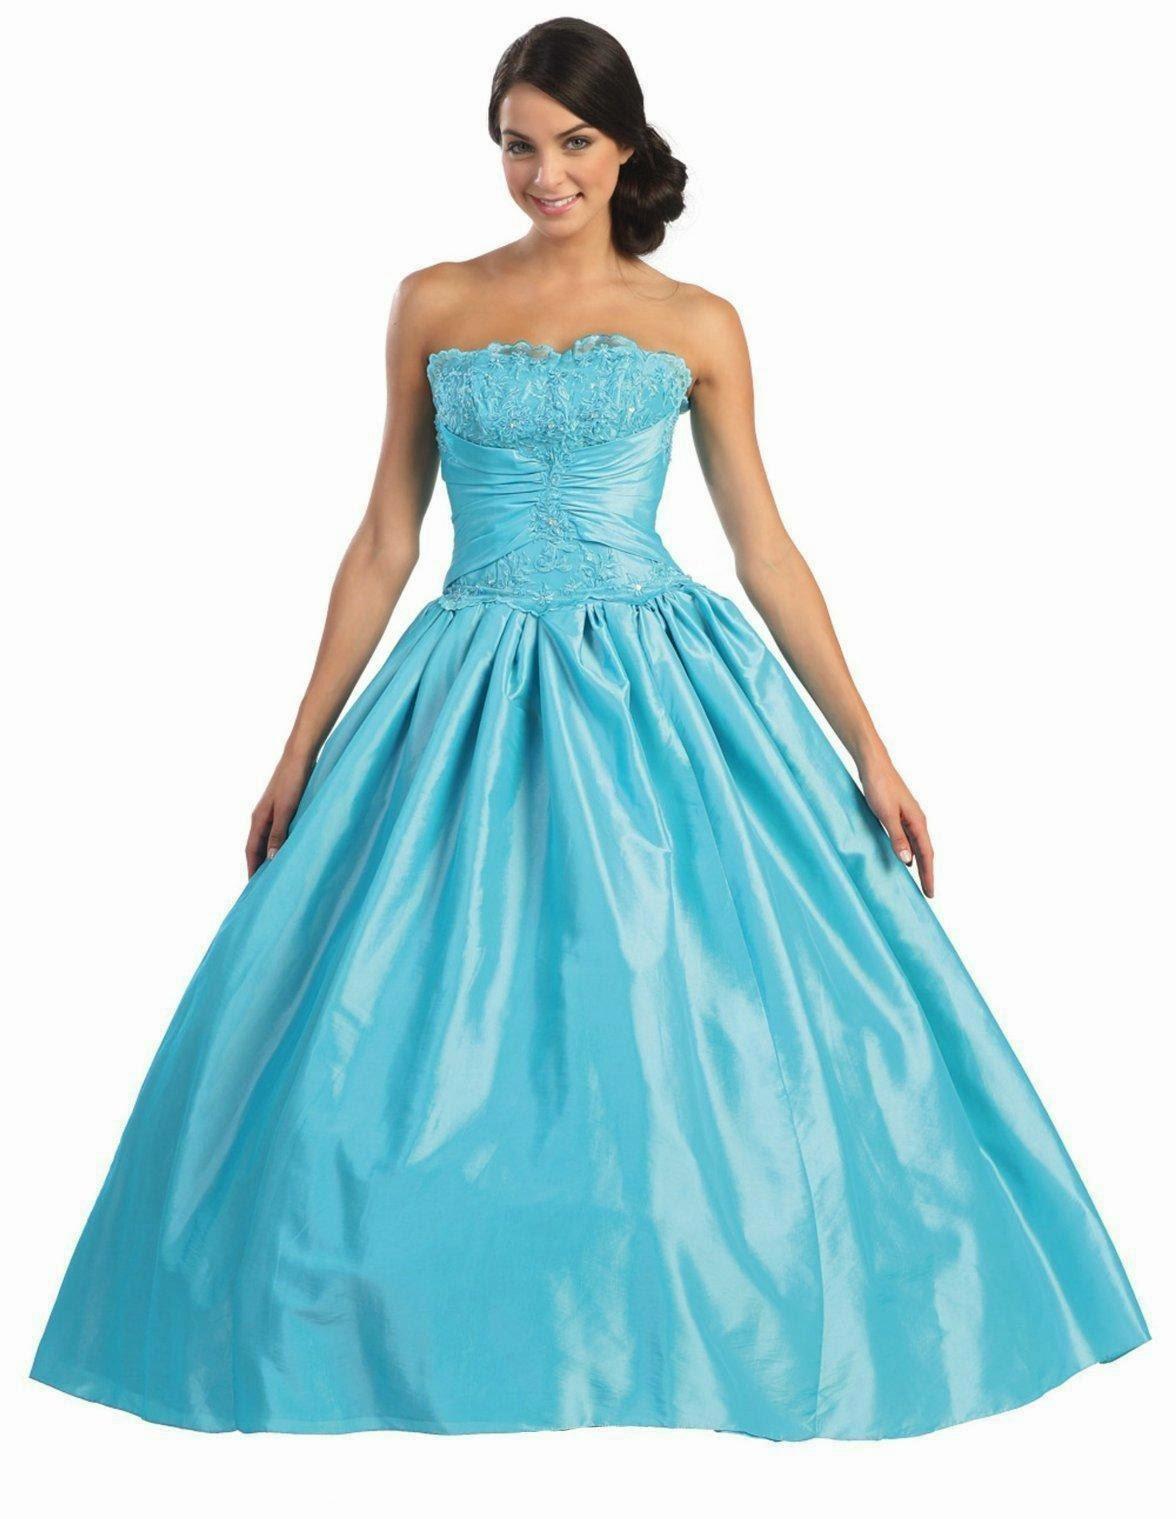 Atemberaubend Risque Prom Dresses Bilder - Hochzeit Kleid Stile ...